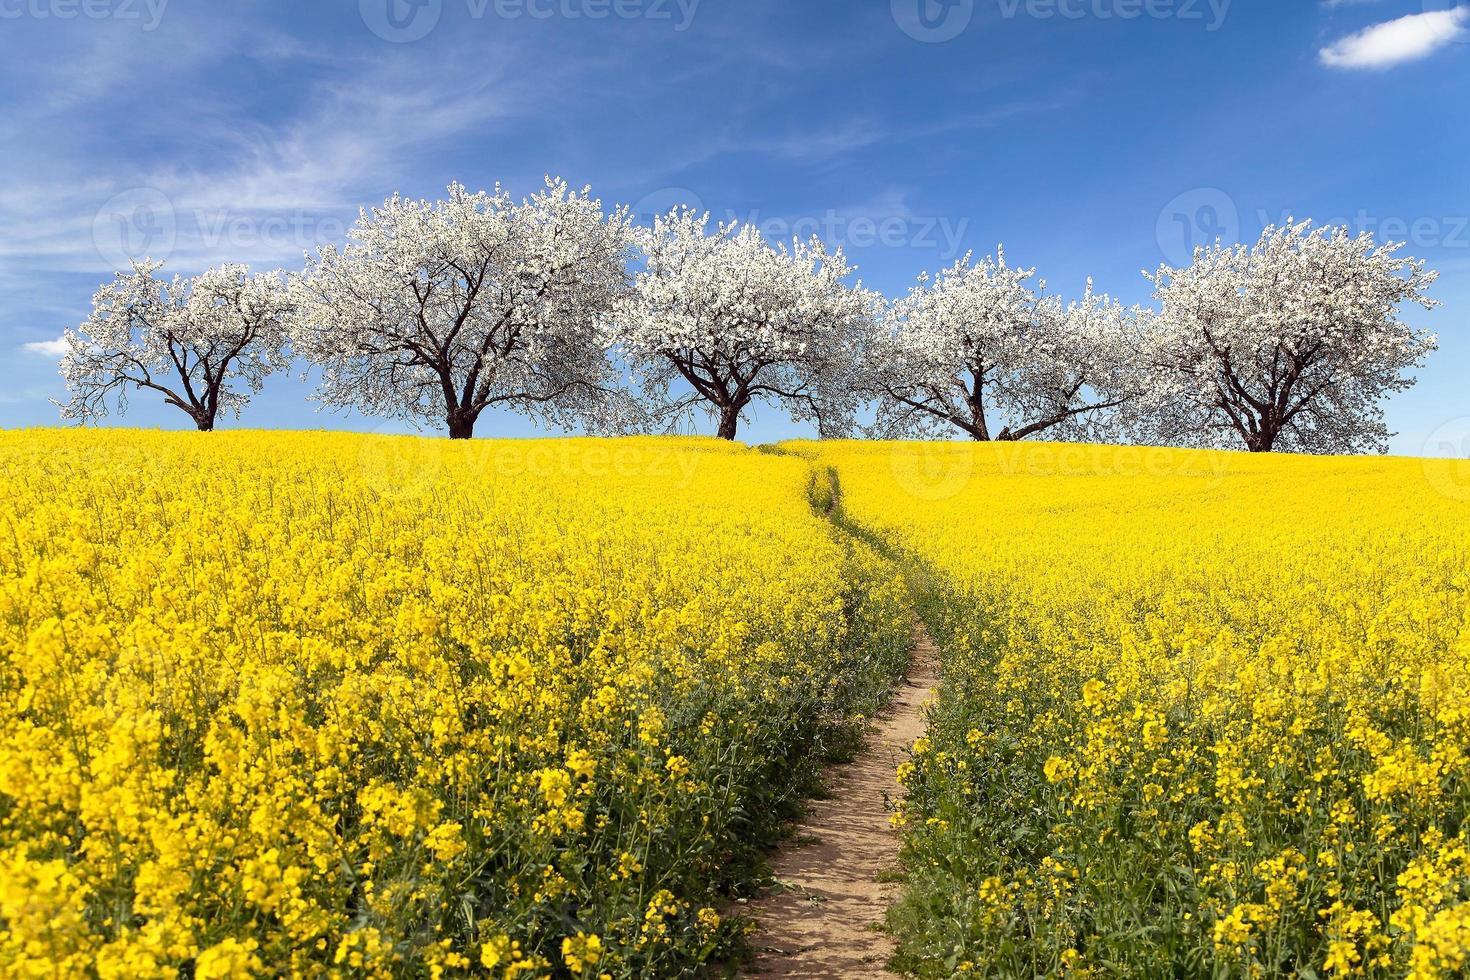 campo de colza con parhway y callejón de cerezos en flor foto